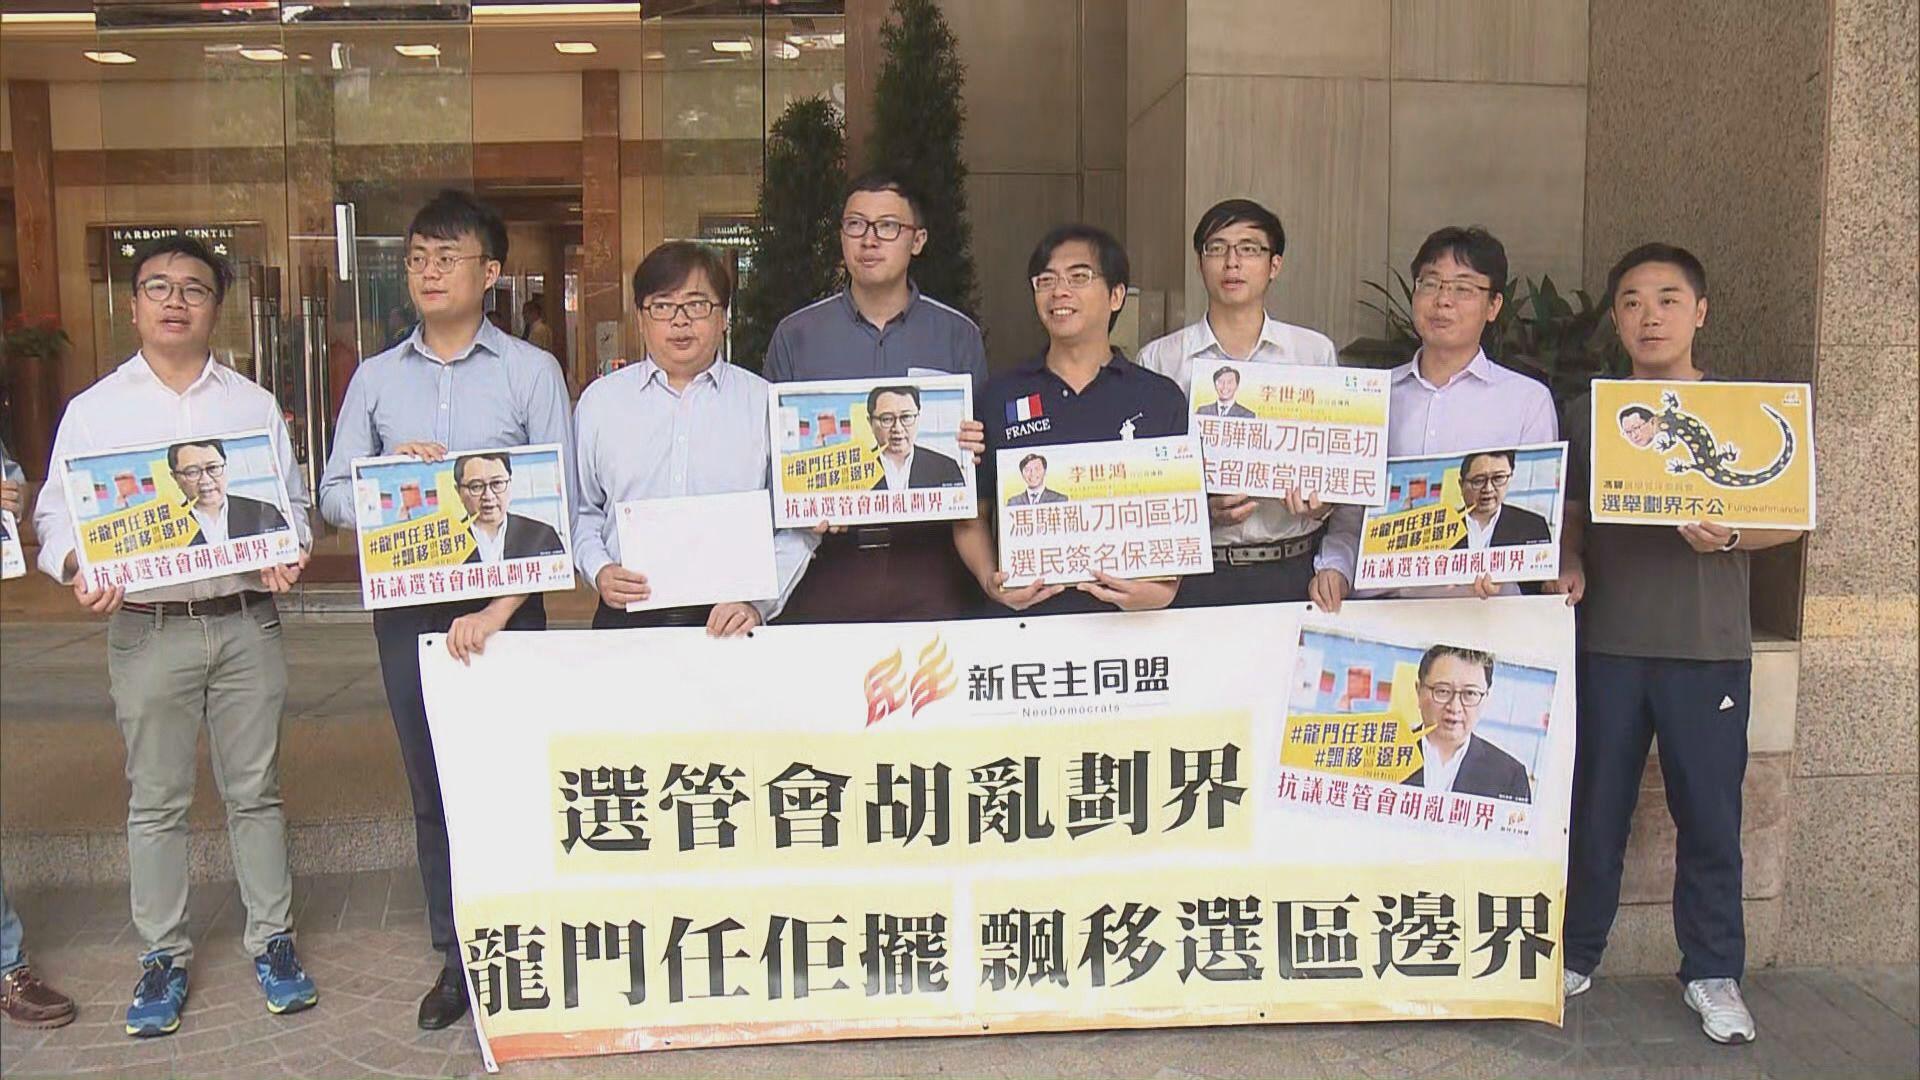 多個團體趁選區改劃諮詢最後一天示威